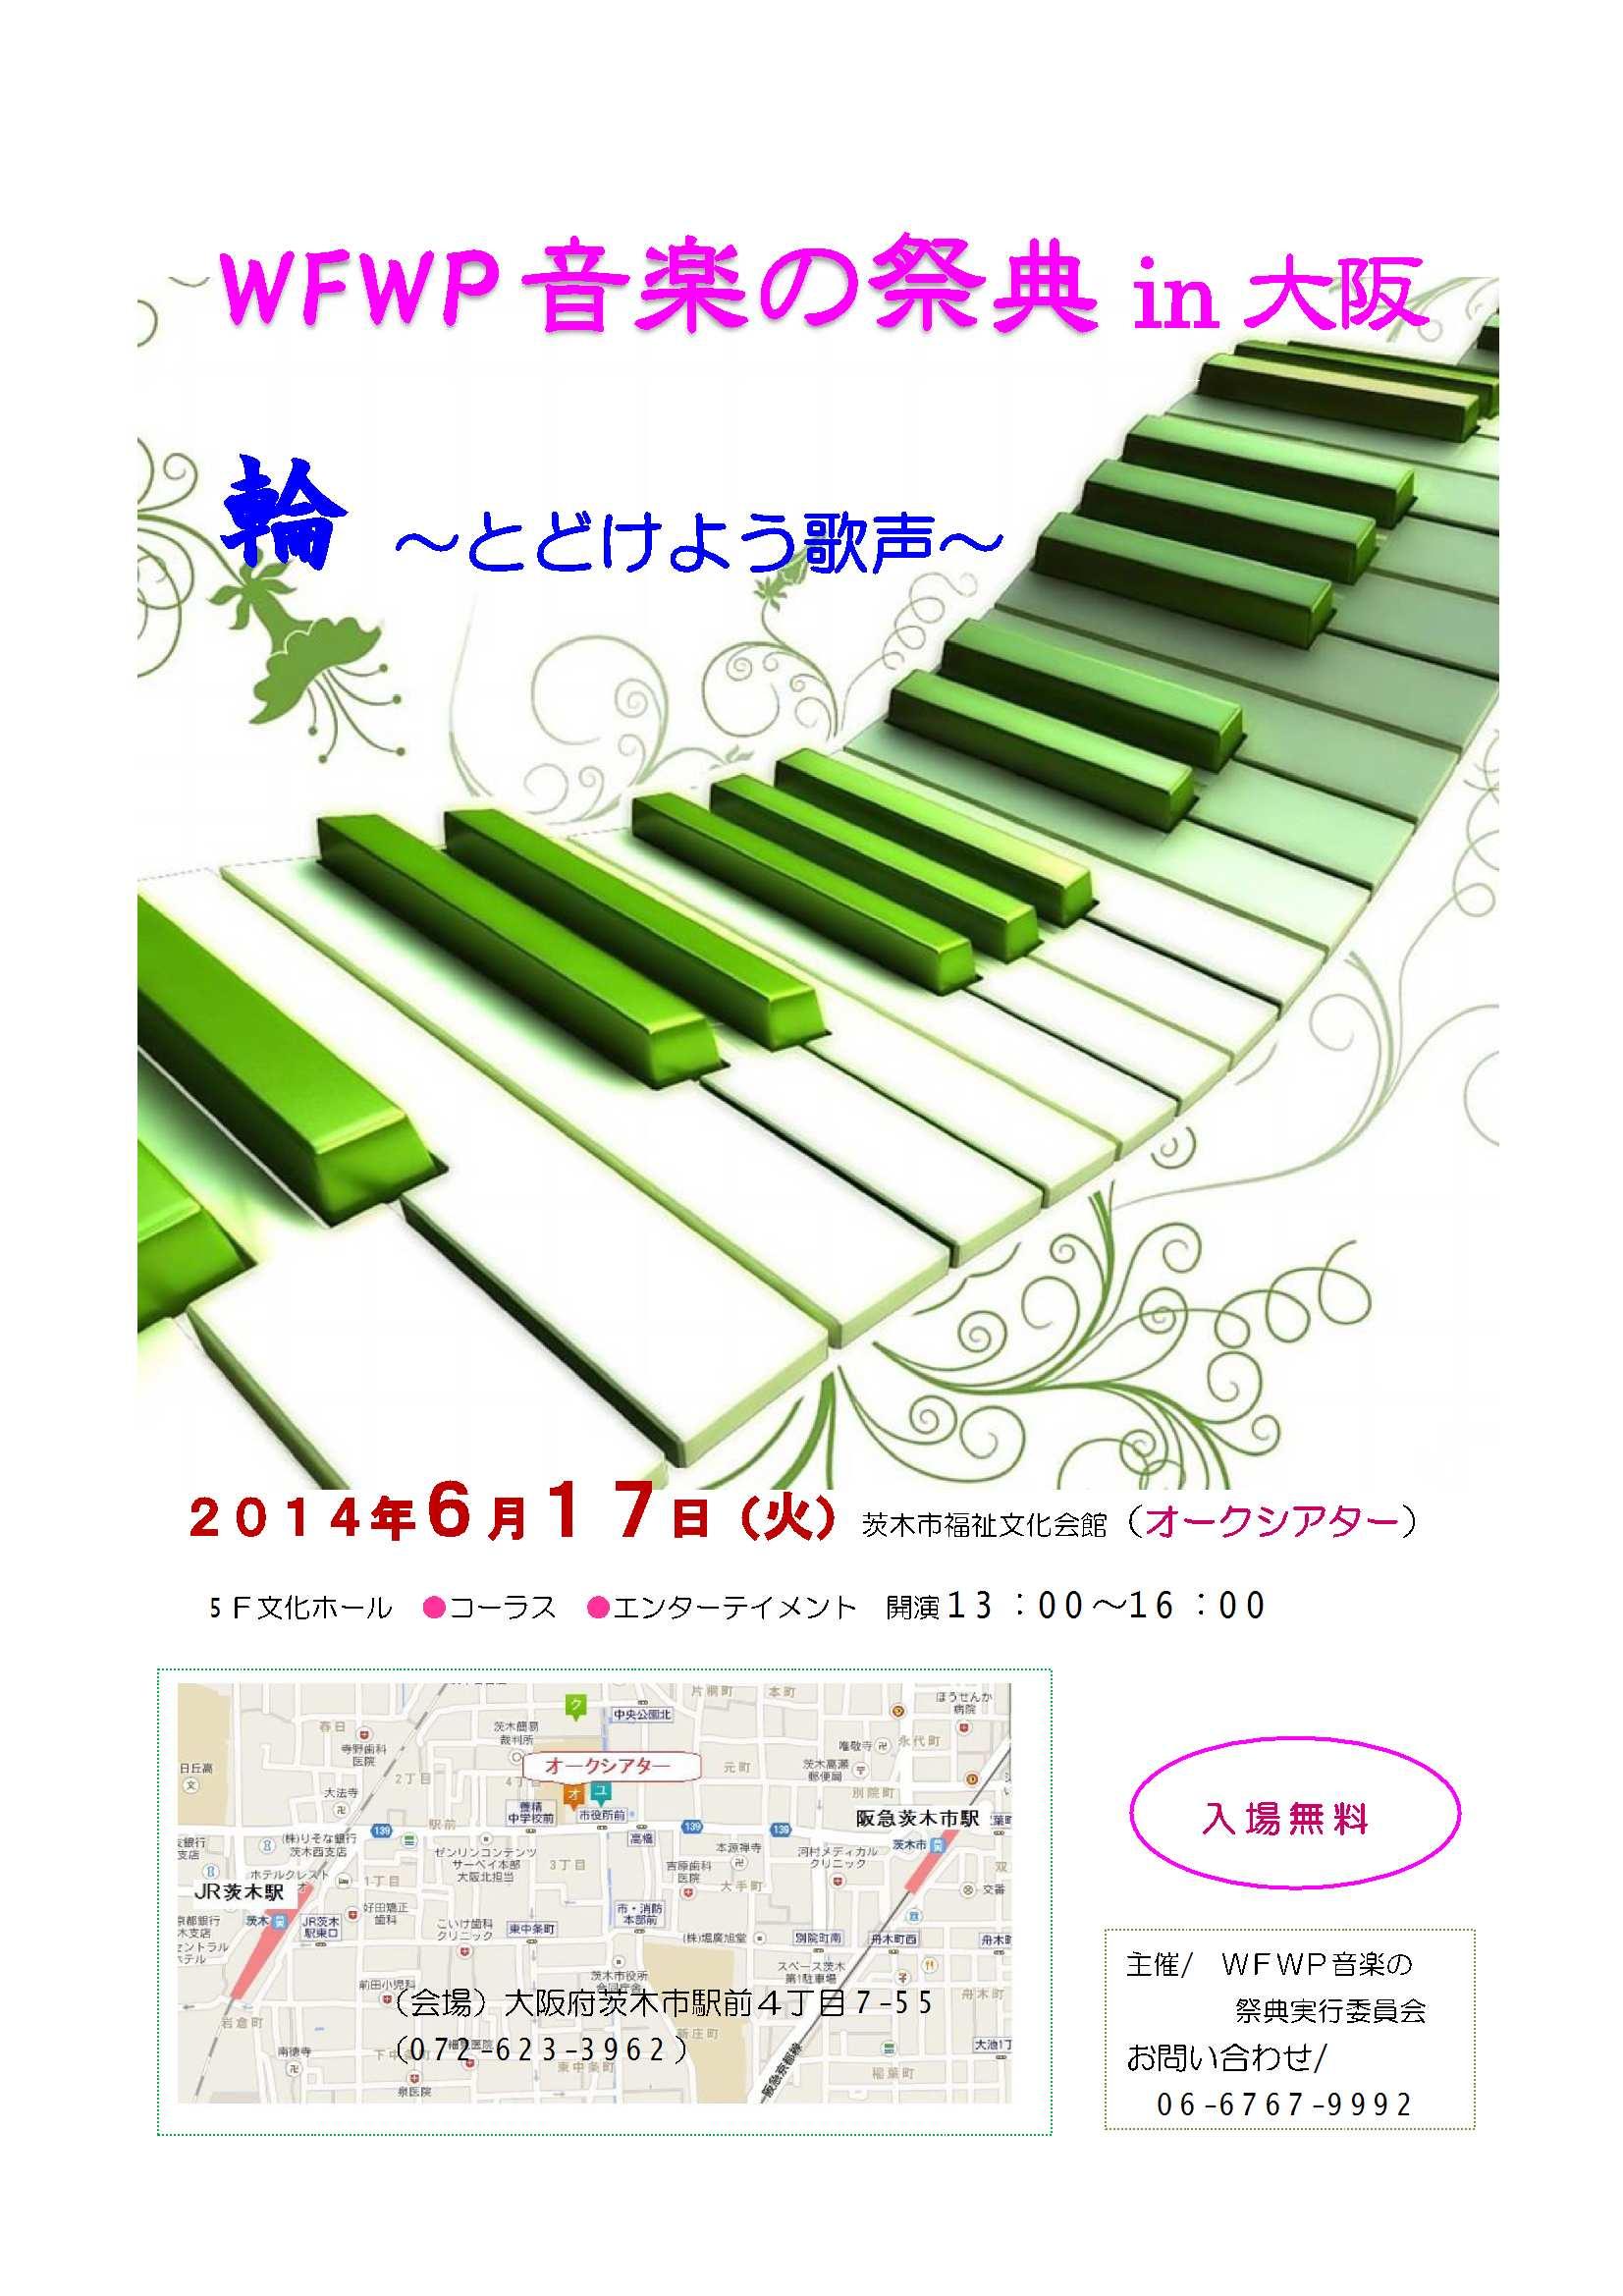 20140320141818566.jpg